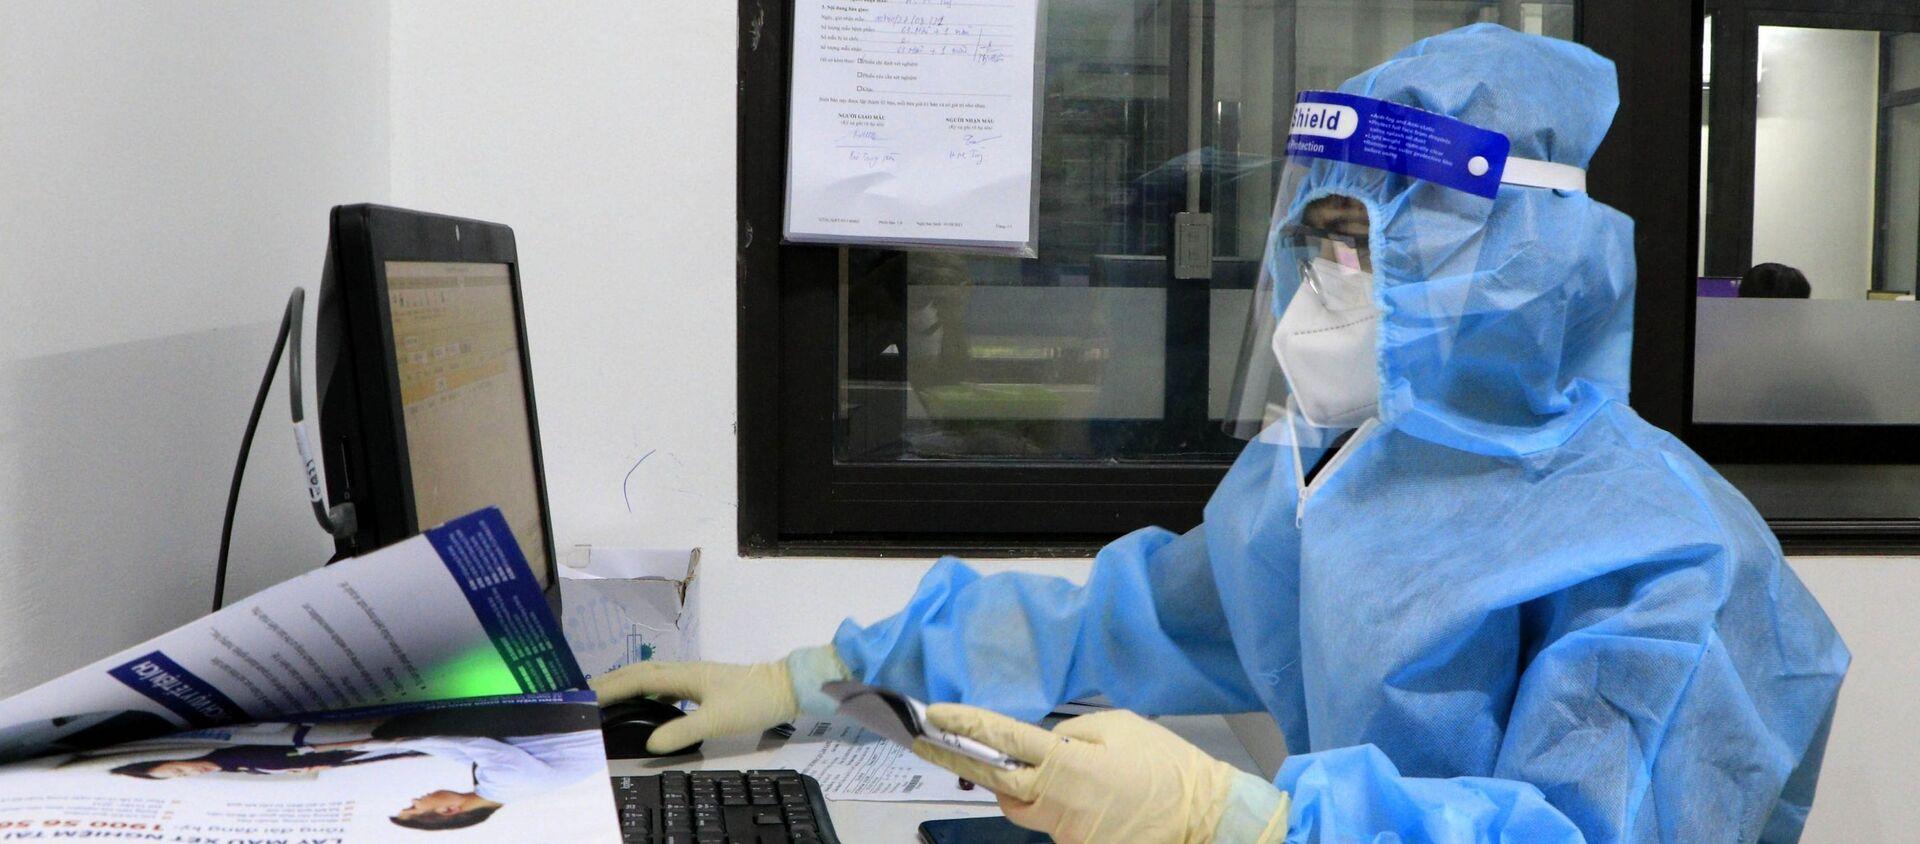 Các bác sĩ Bệnh viện Đa khoa tư nhân Hùng Vương làm xét nghiệm trên hệ xét nghiệm SARS-CoV-2 - Sputnik Việt Nam, 1920, 28.08.2021